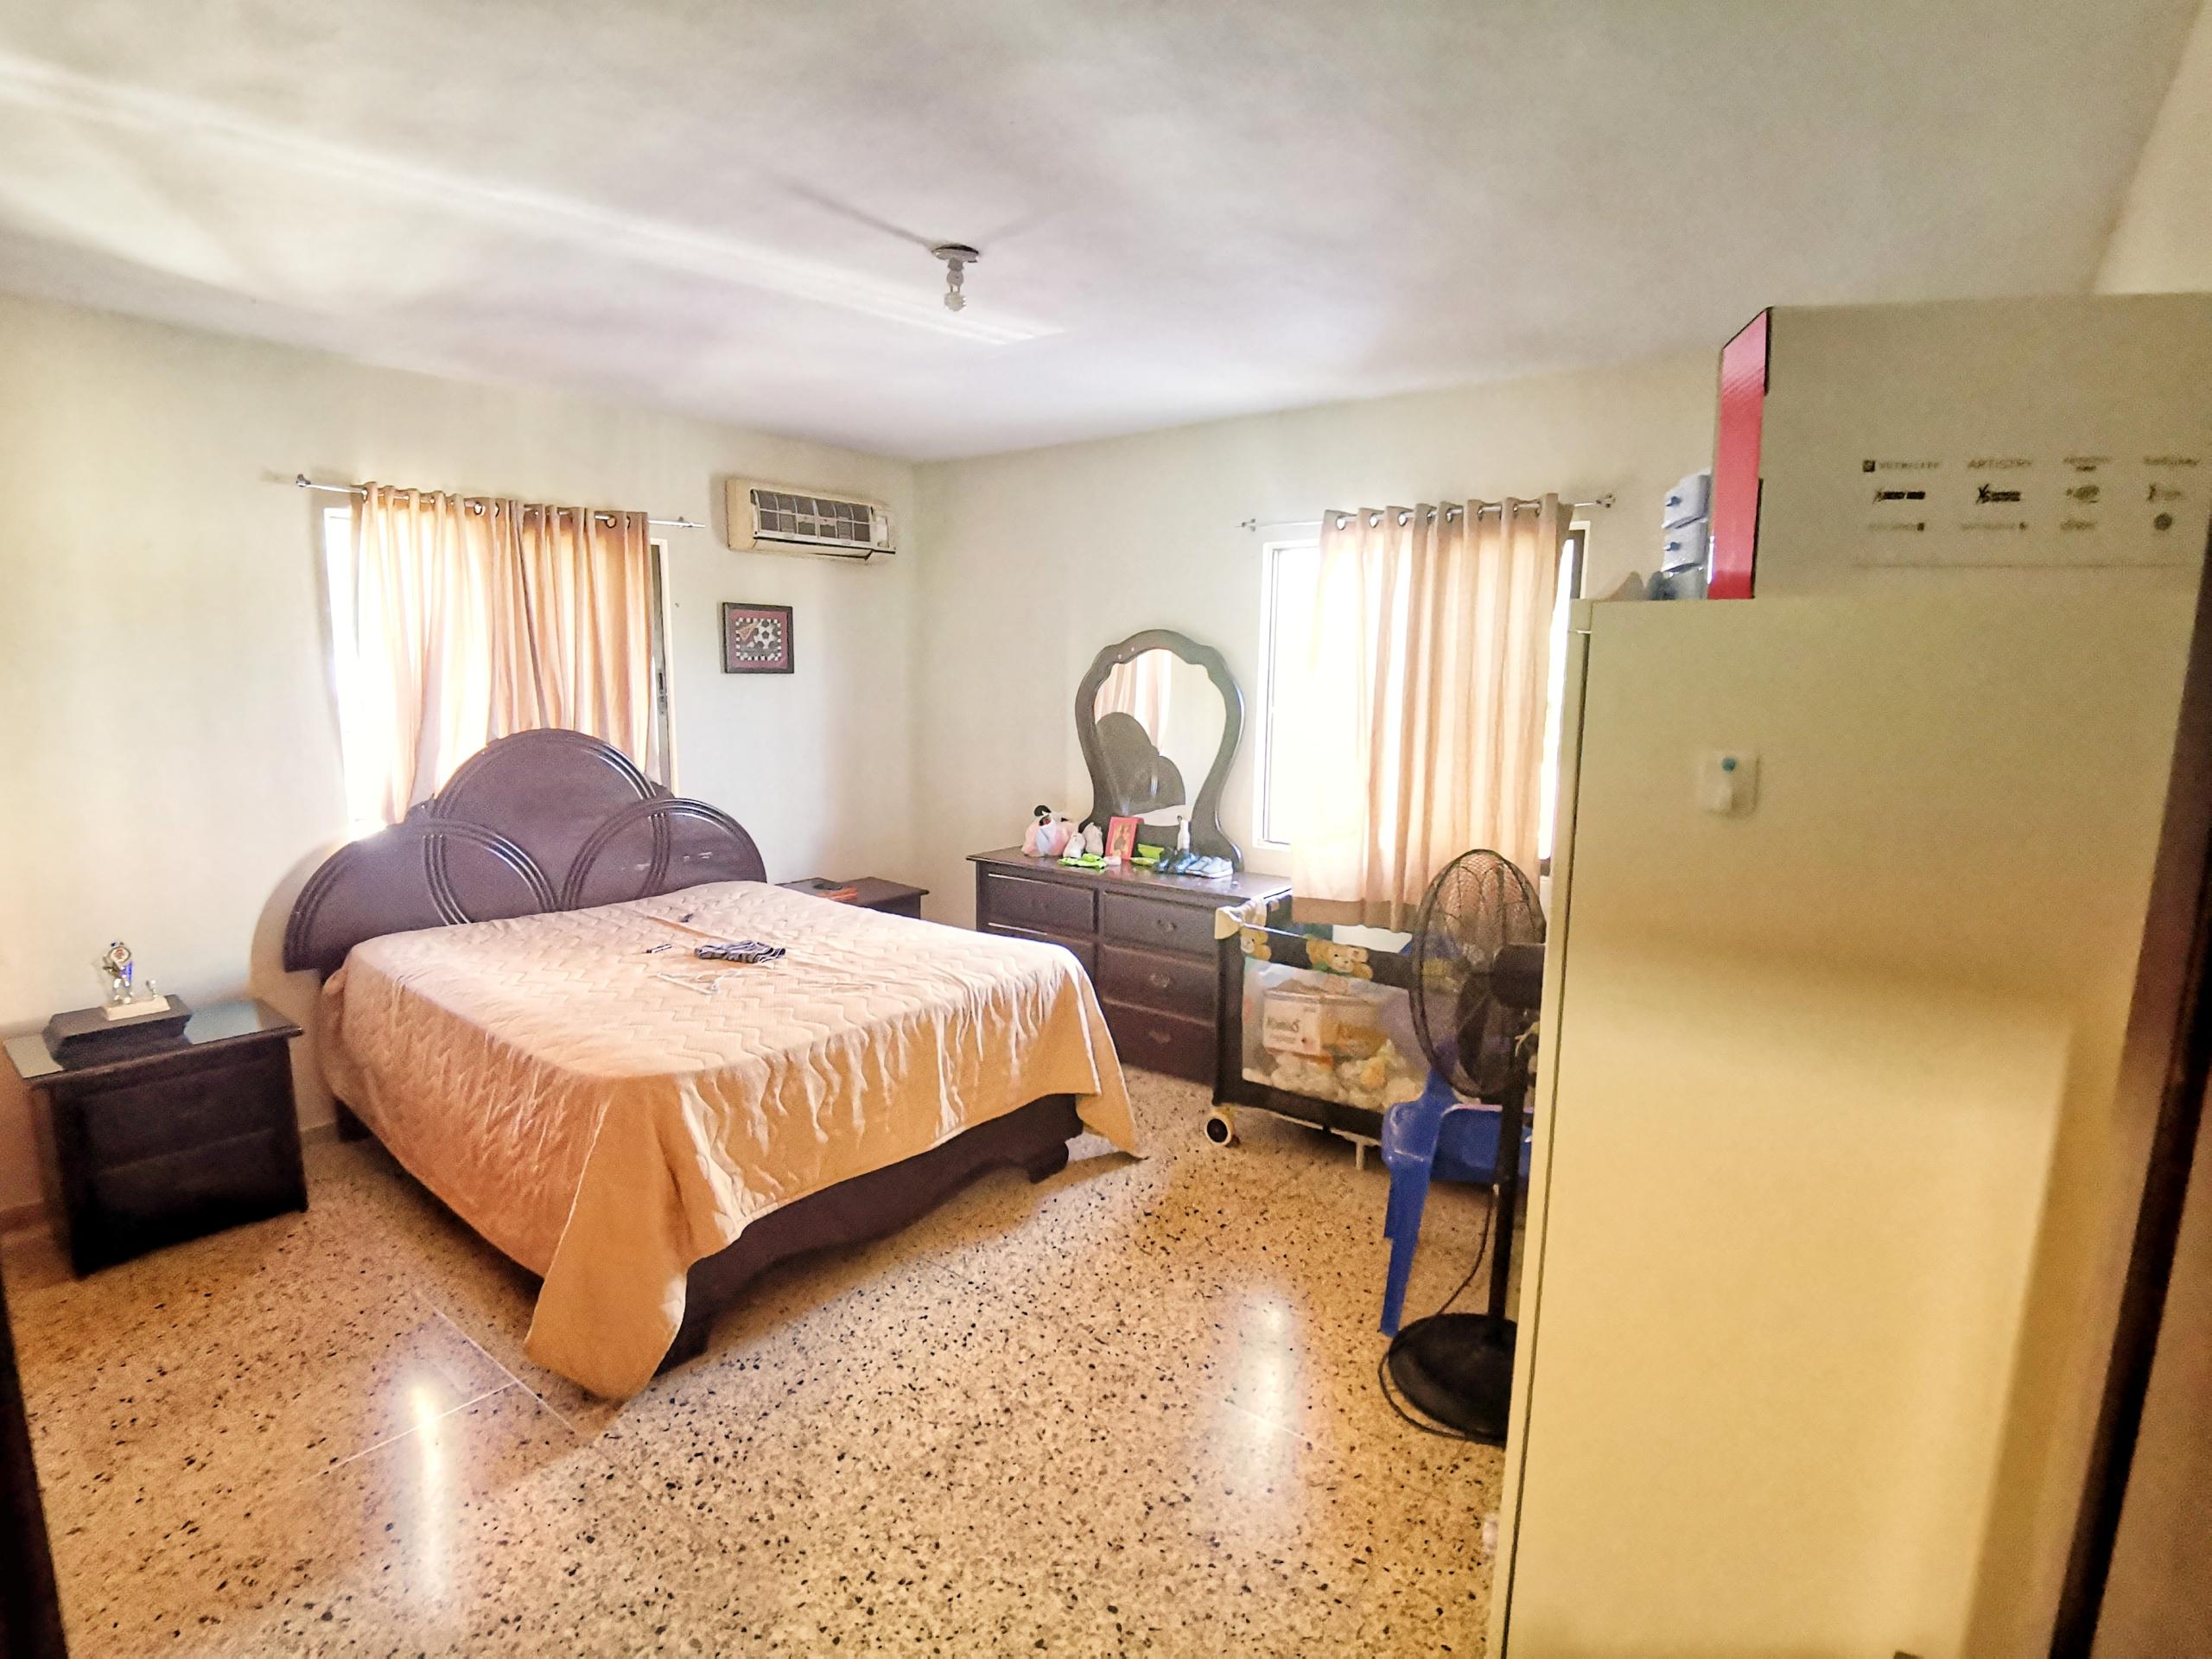 casa-home-house-lobos-realtors-rd-dominican-republic-santo-domingo (8)